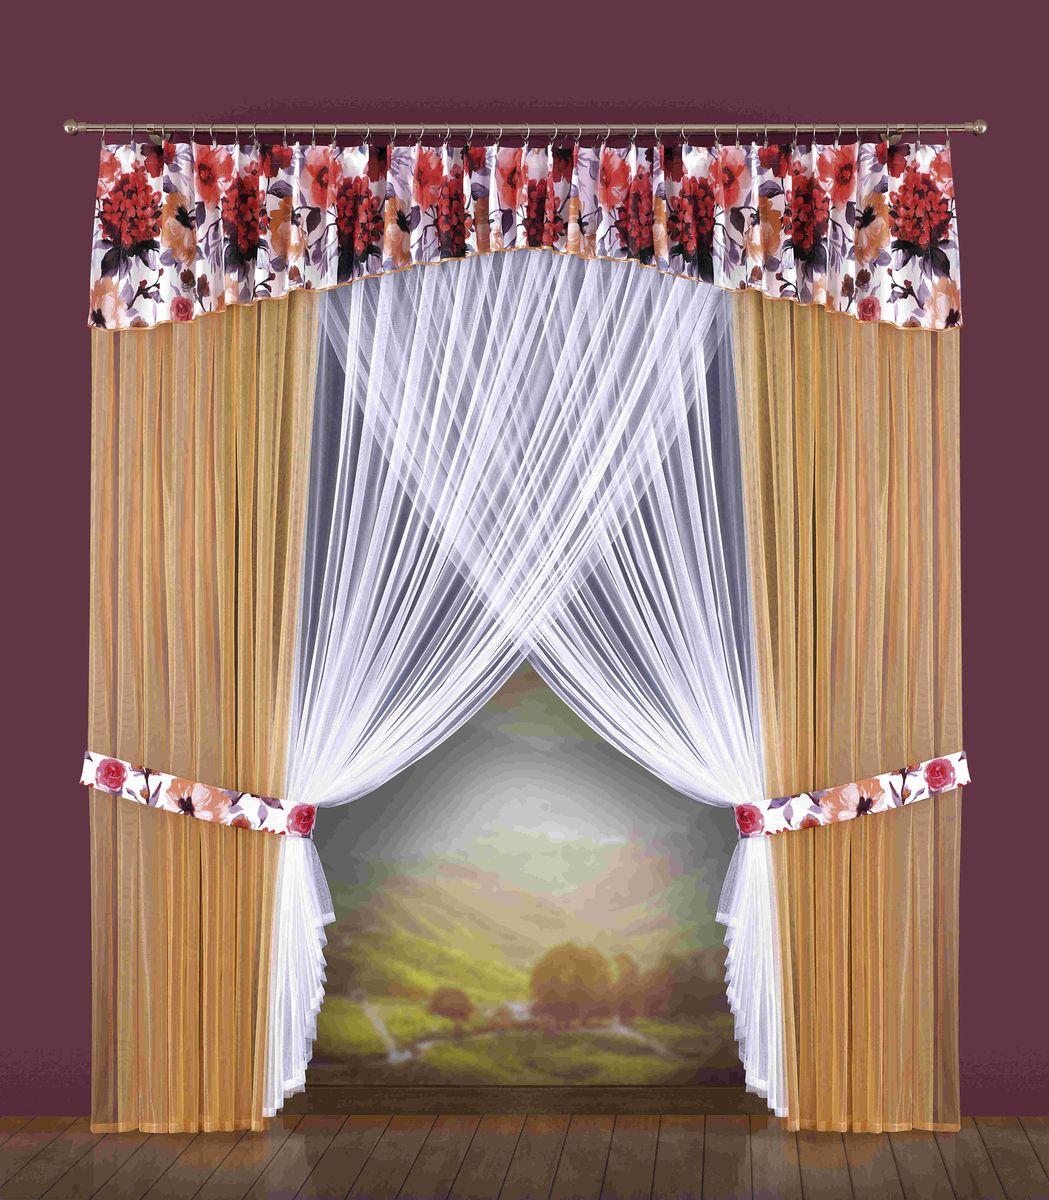 Комплект штор Wisan Antonina, на ленте, цвет: белый, бежевый, красный, высота 250 смW542Комплект штор Wisan Antonina выполненный из полиэстера, великолепно украсит любое окно. В комплект входят 2 шторы, тюль, плотный ламбрекен и 2 подхвата. Оригинальный дизайн придает комплекту особый стиль и шарм. Качественный материал и тонкое плетение, нежная цветовая гамма и роскошное исполнение - все это делает шторы Wisan Antonina замечательным дополнением интерьера помещения. Комплект оснащен шторной лентой для красивой сборки. В комплект входит: Тюль - 1 шт. Размер (ШхВ): 300 см х 250 см. Штора - 2 шт. Размер (ШхВ): 250 см х 250 см. Ламбрекен - 1 шт. Размер (ШхВ): 450 см х 50 см. Подхват - 2 шт. Фирма Wisan на польском рынке существует уже более пятидесяти лет и является одной из лучших польских фабрик по производству штор и тканей. Ассортимент фирмы представлен готовыми комплектами штор для гостиной, детской, кухни, а также текстилем для кухни (скатерти, салфетки, дорожки, кухонные занавески). Модельный...